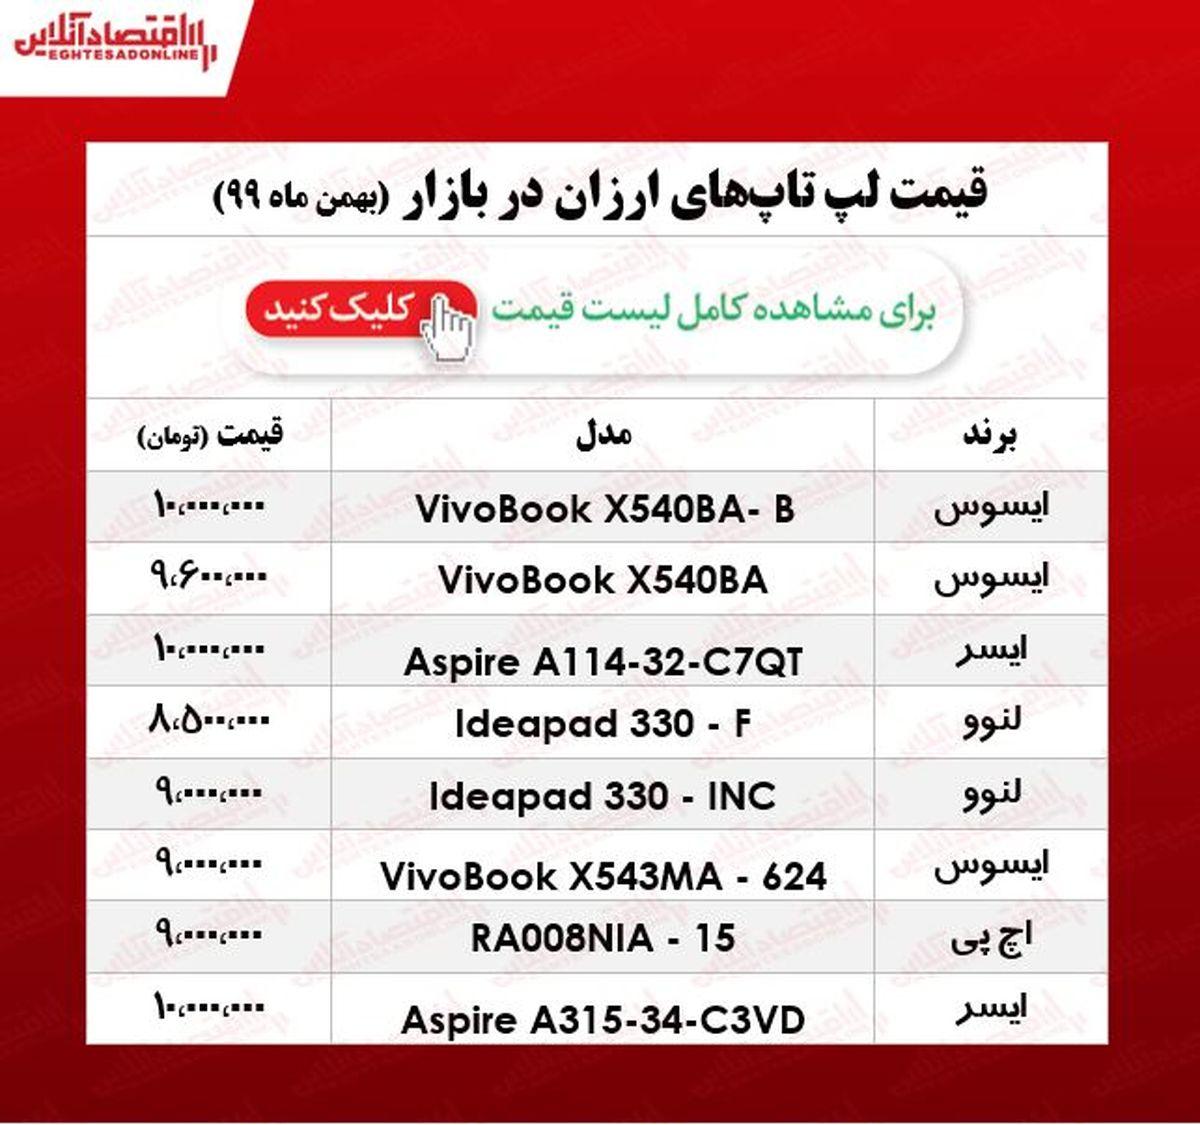 ارزانترین لپ تاپ چند؟/ ۱۸بهمن ۹۹